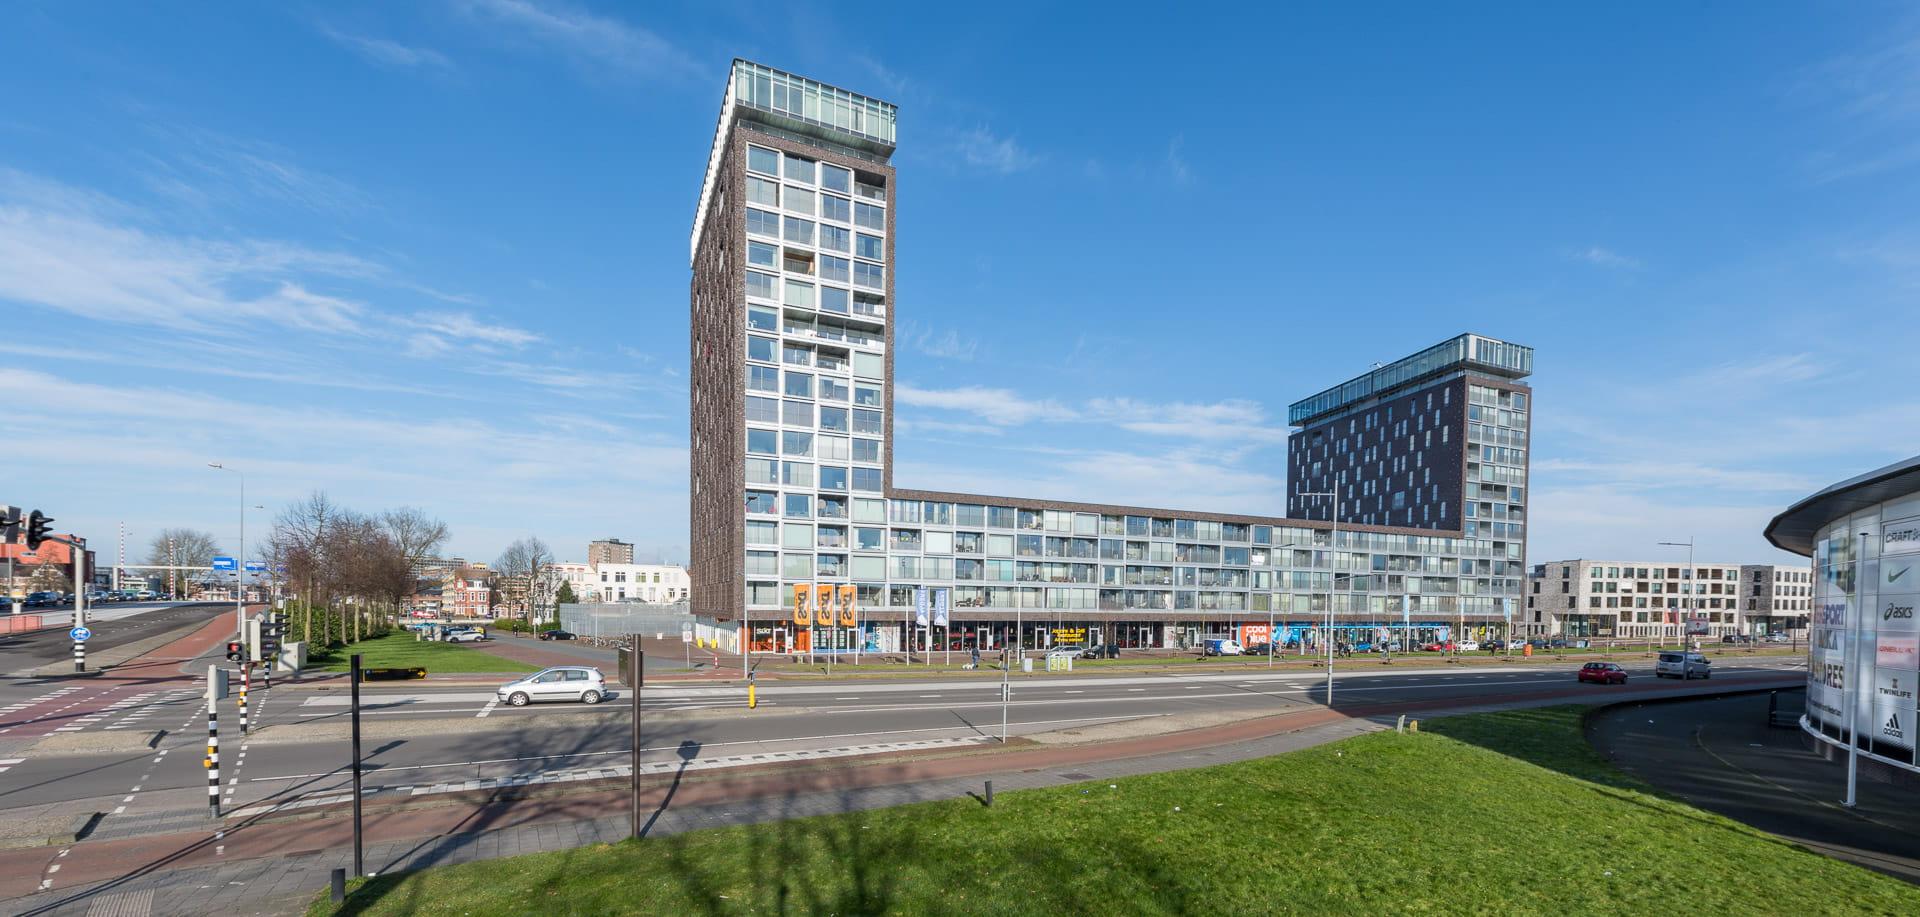 Kop van Oost Groningen twee torens met appartementen vooraanzicht